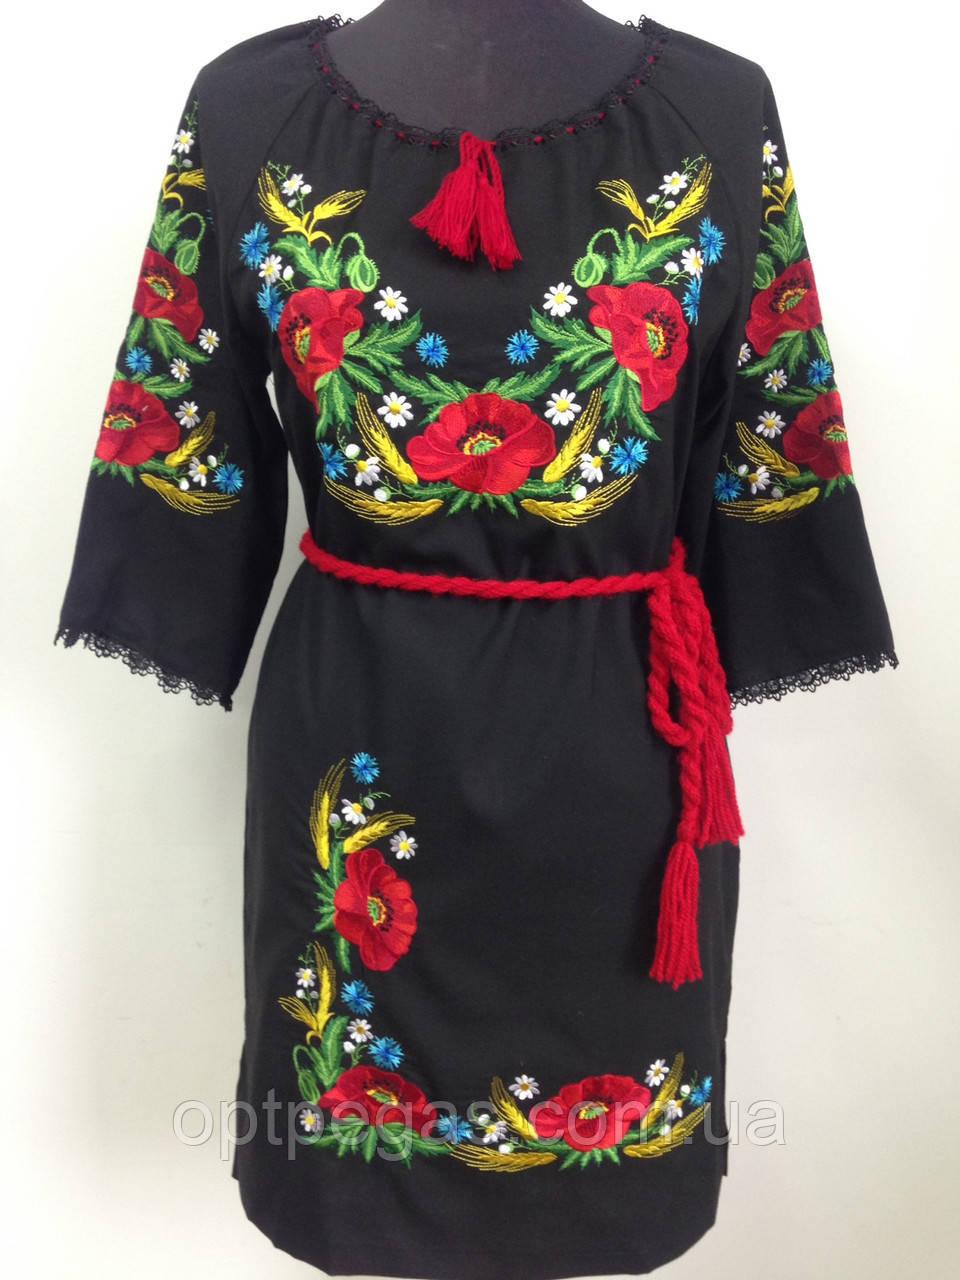 2d1d8546107a7a Вишите чорне жіноче плаття льон з маками: продажа, цена в Луцьку ...